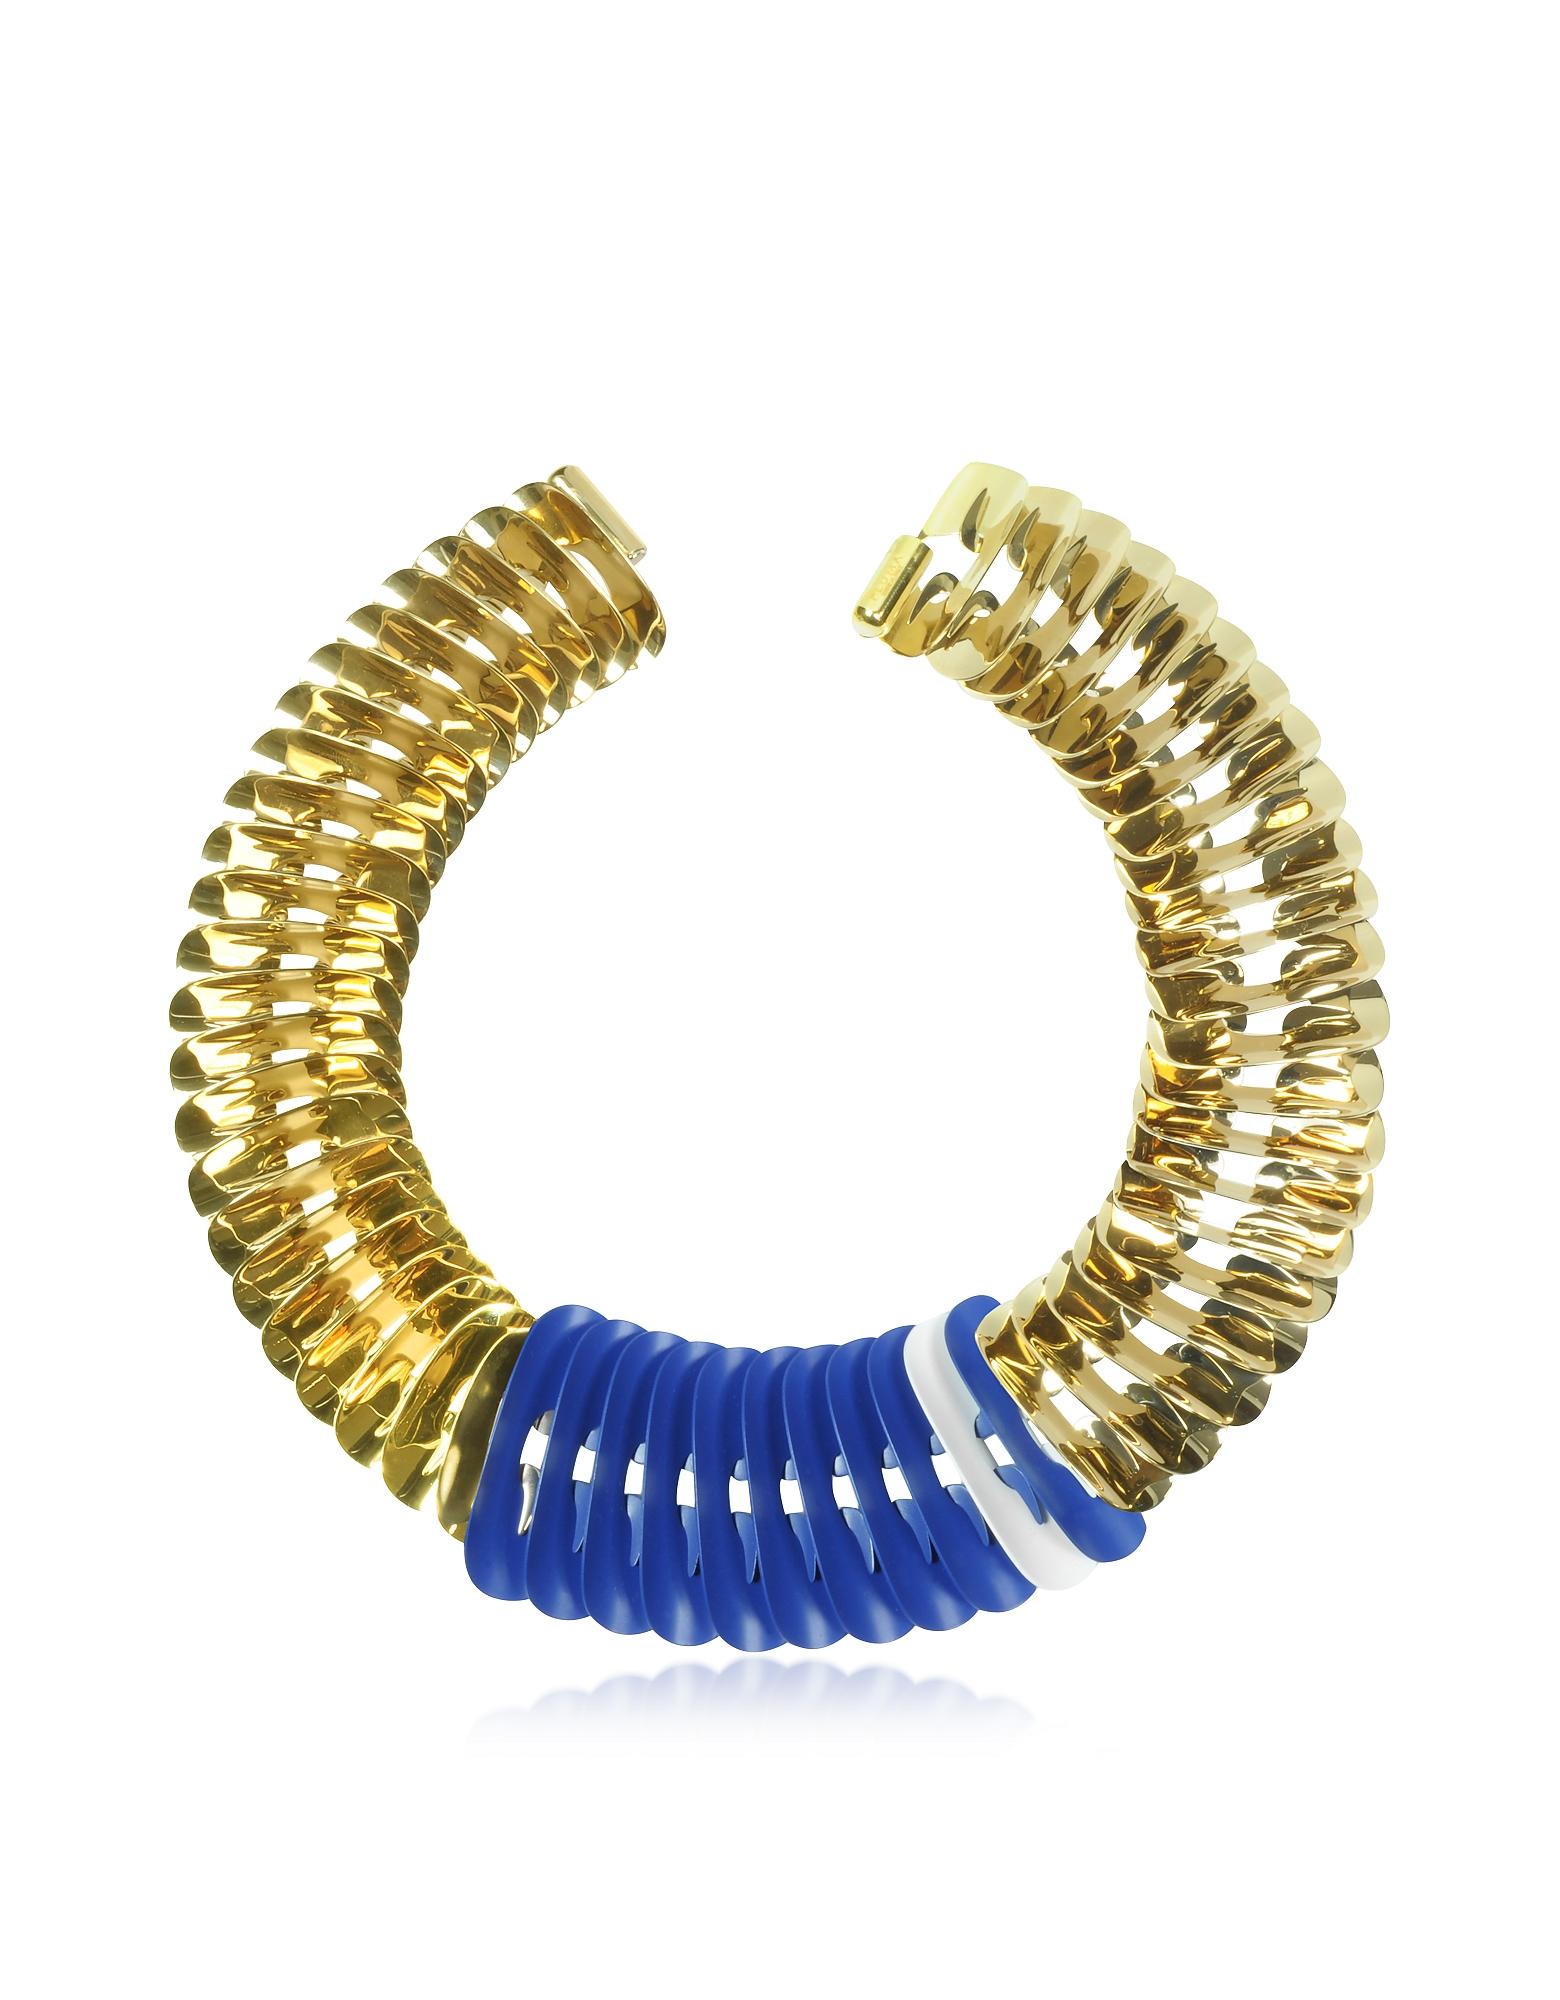 Ожерелье Золотистого, Белого и Синего Цветов